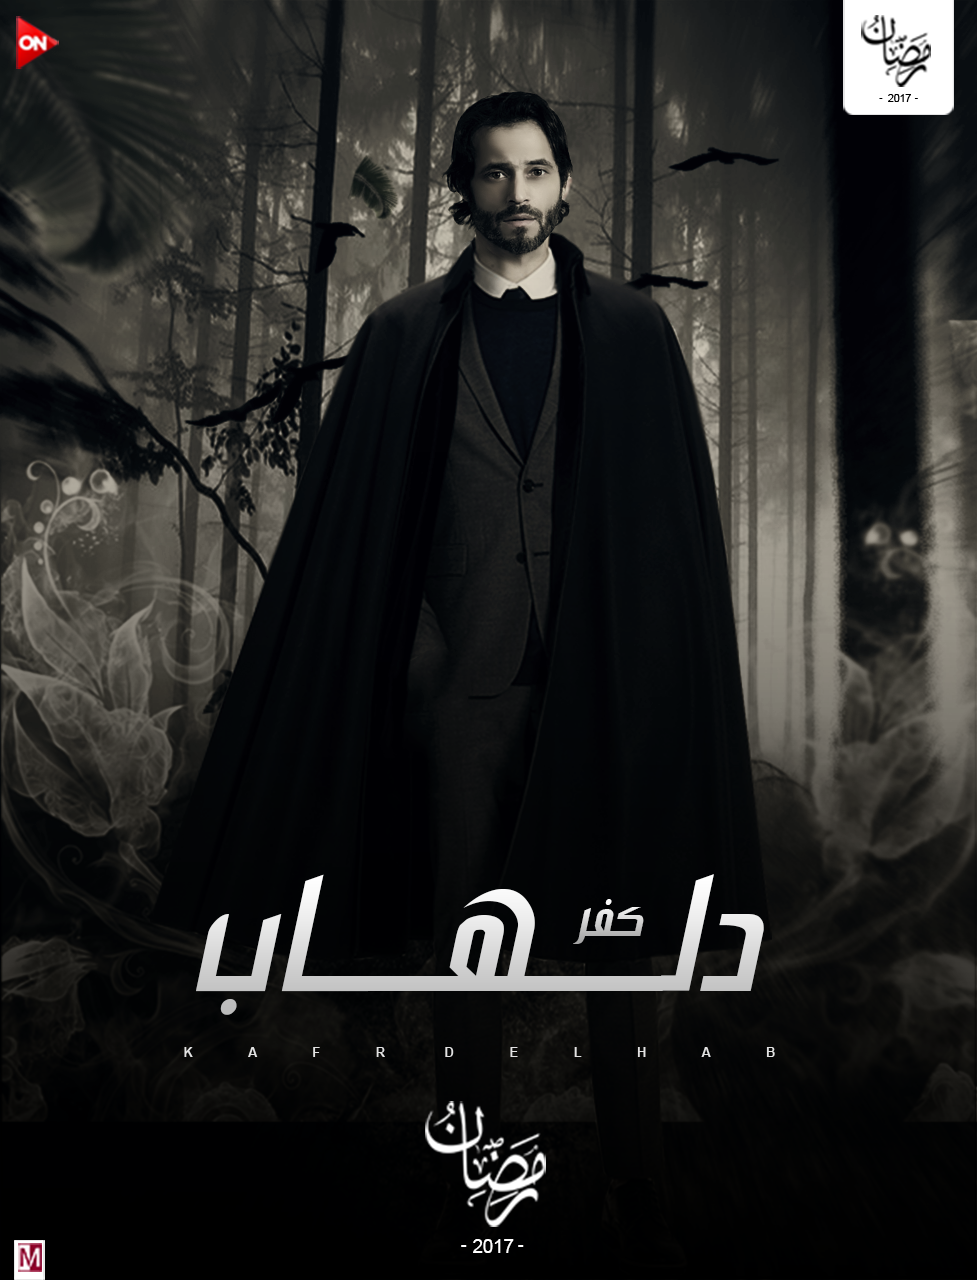 احداث وتفاصبل مسلسل كفر دلهاب رمضان 2017 قصة مسلسل يوسف الشريف الجديد 2017